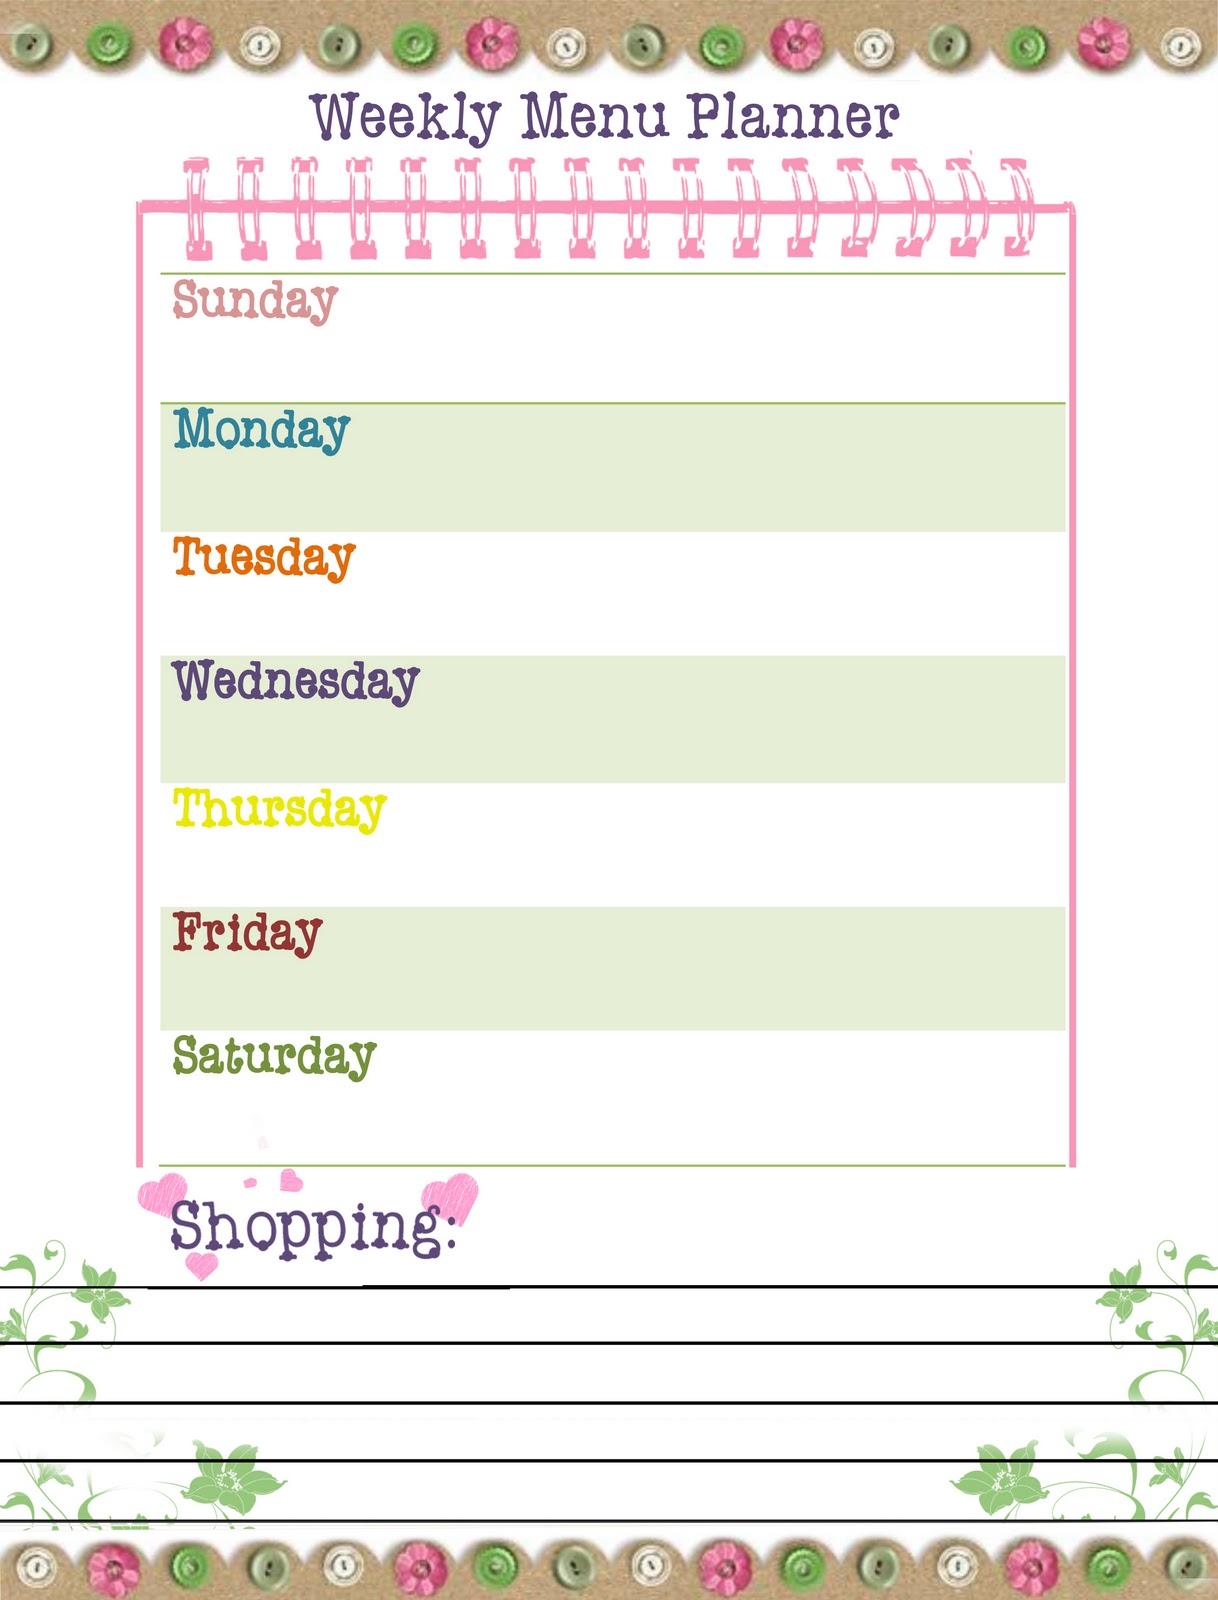 weekly menu template free weekly menu templates 6 printable menu – Free Weekly Menu Templates